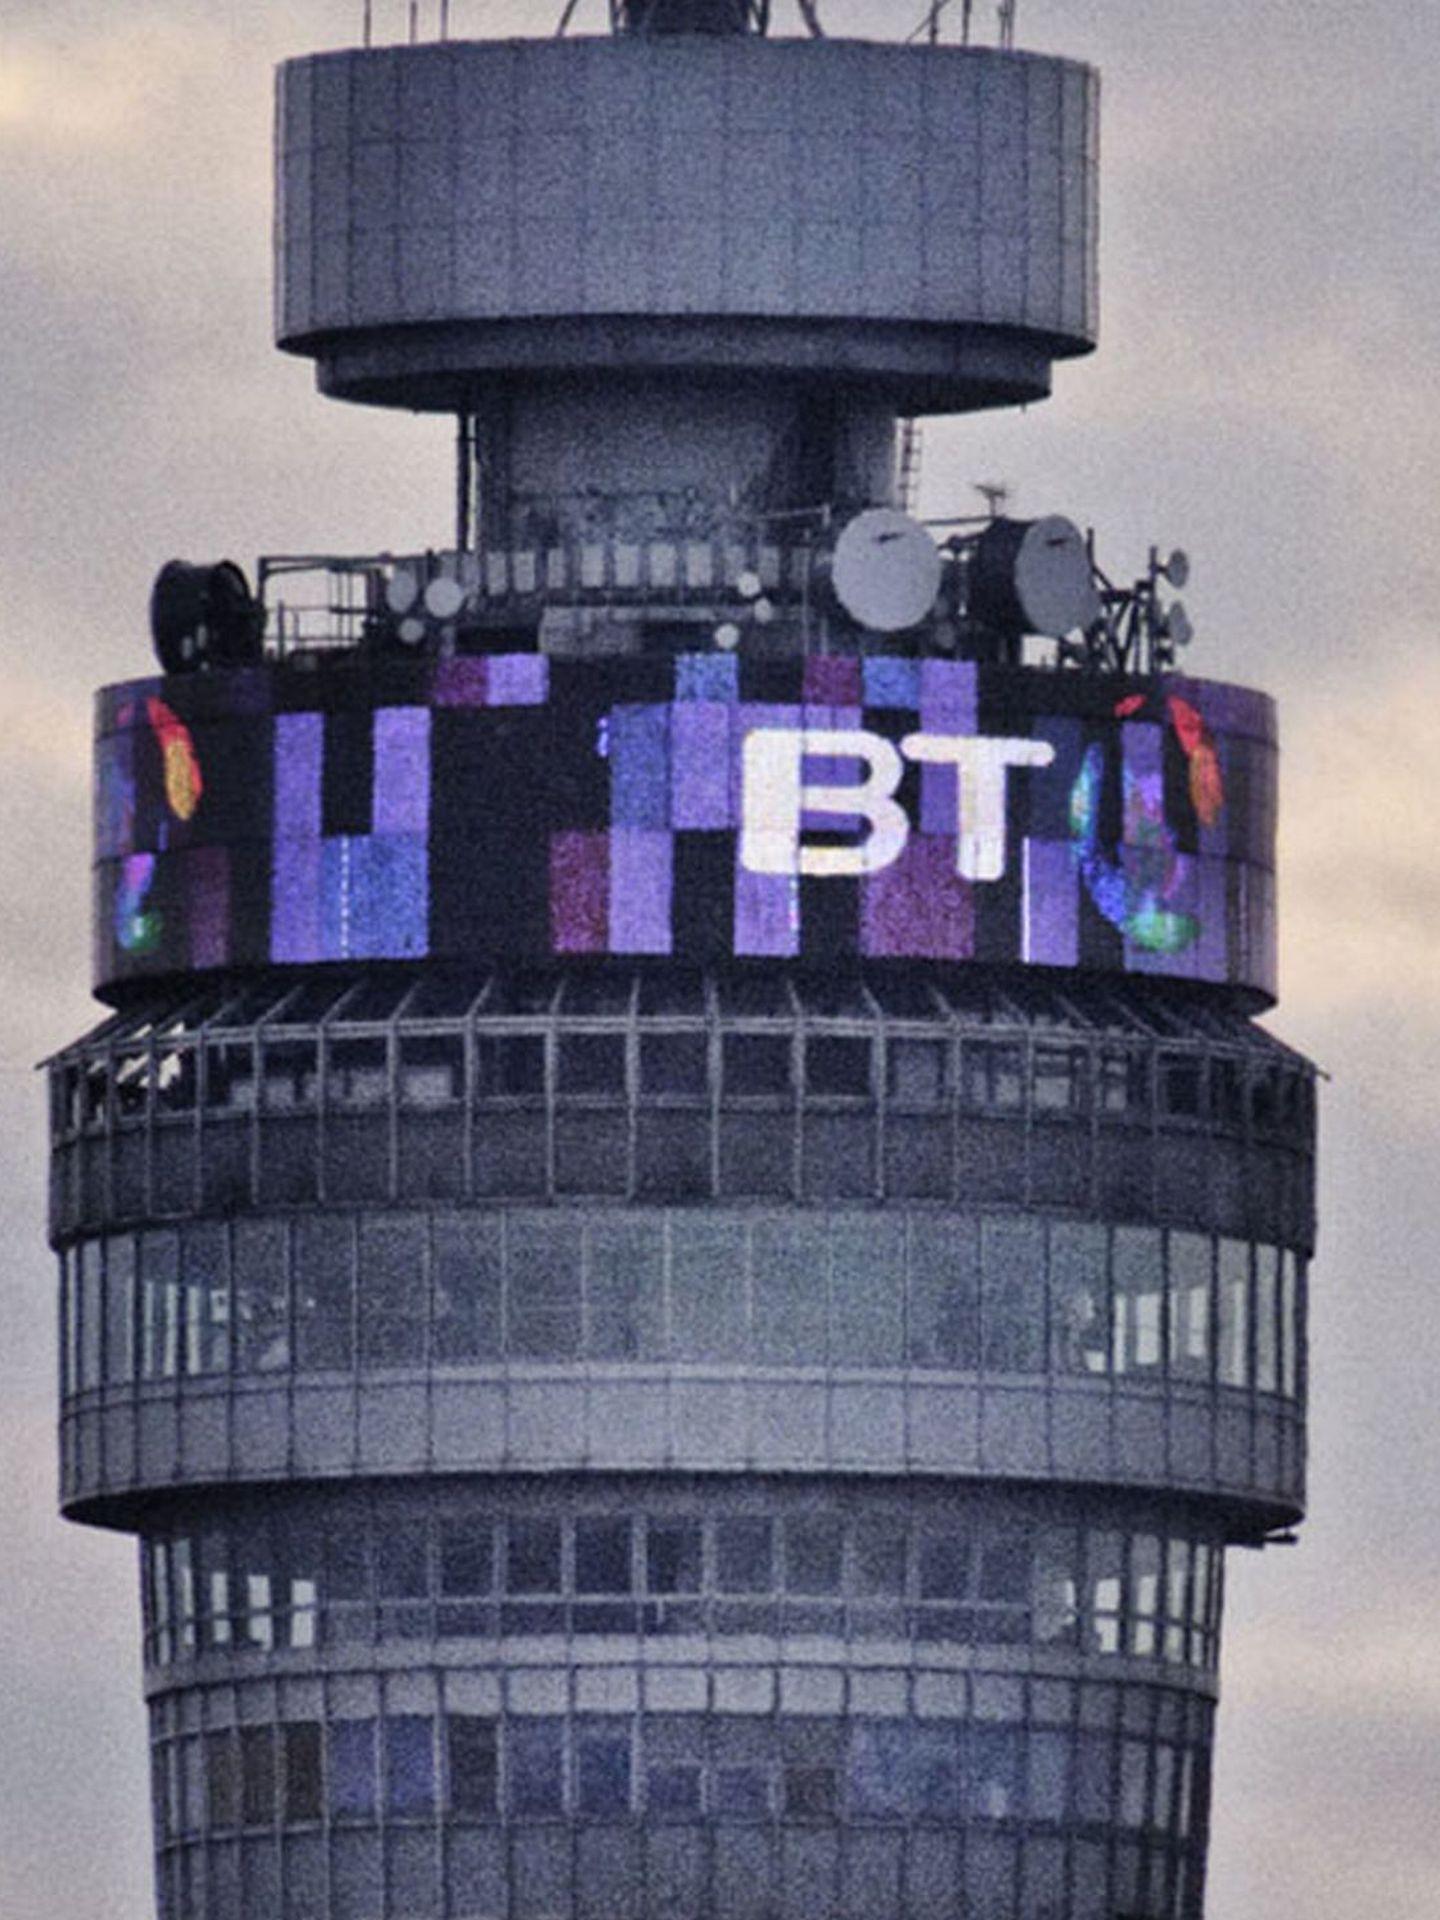 Torre de British Telecom.